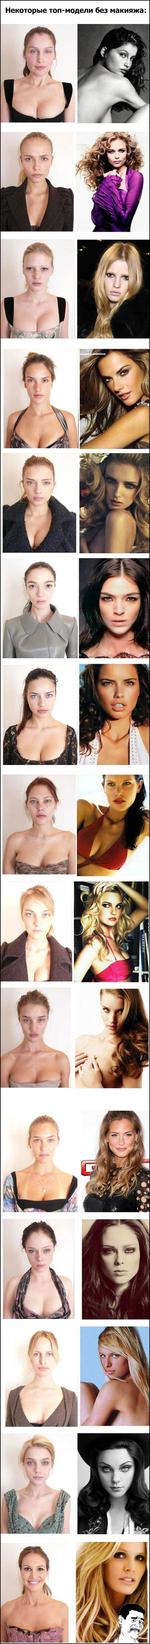 Некоторые топ-модели без макияжа